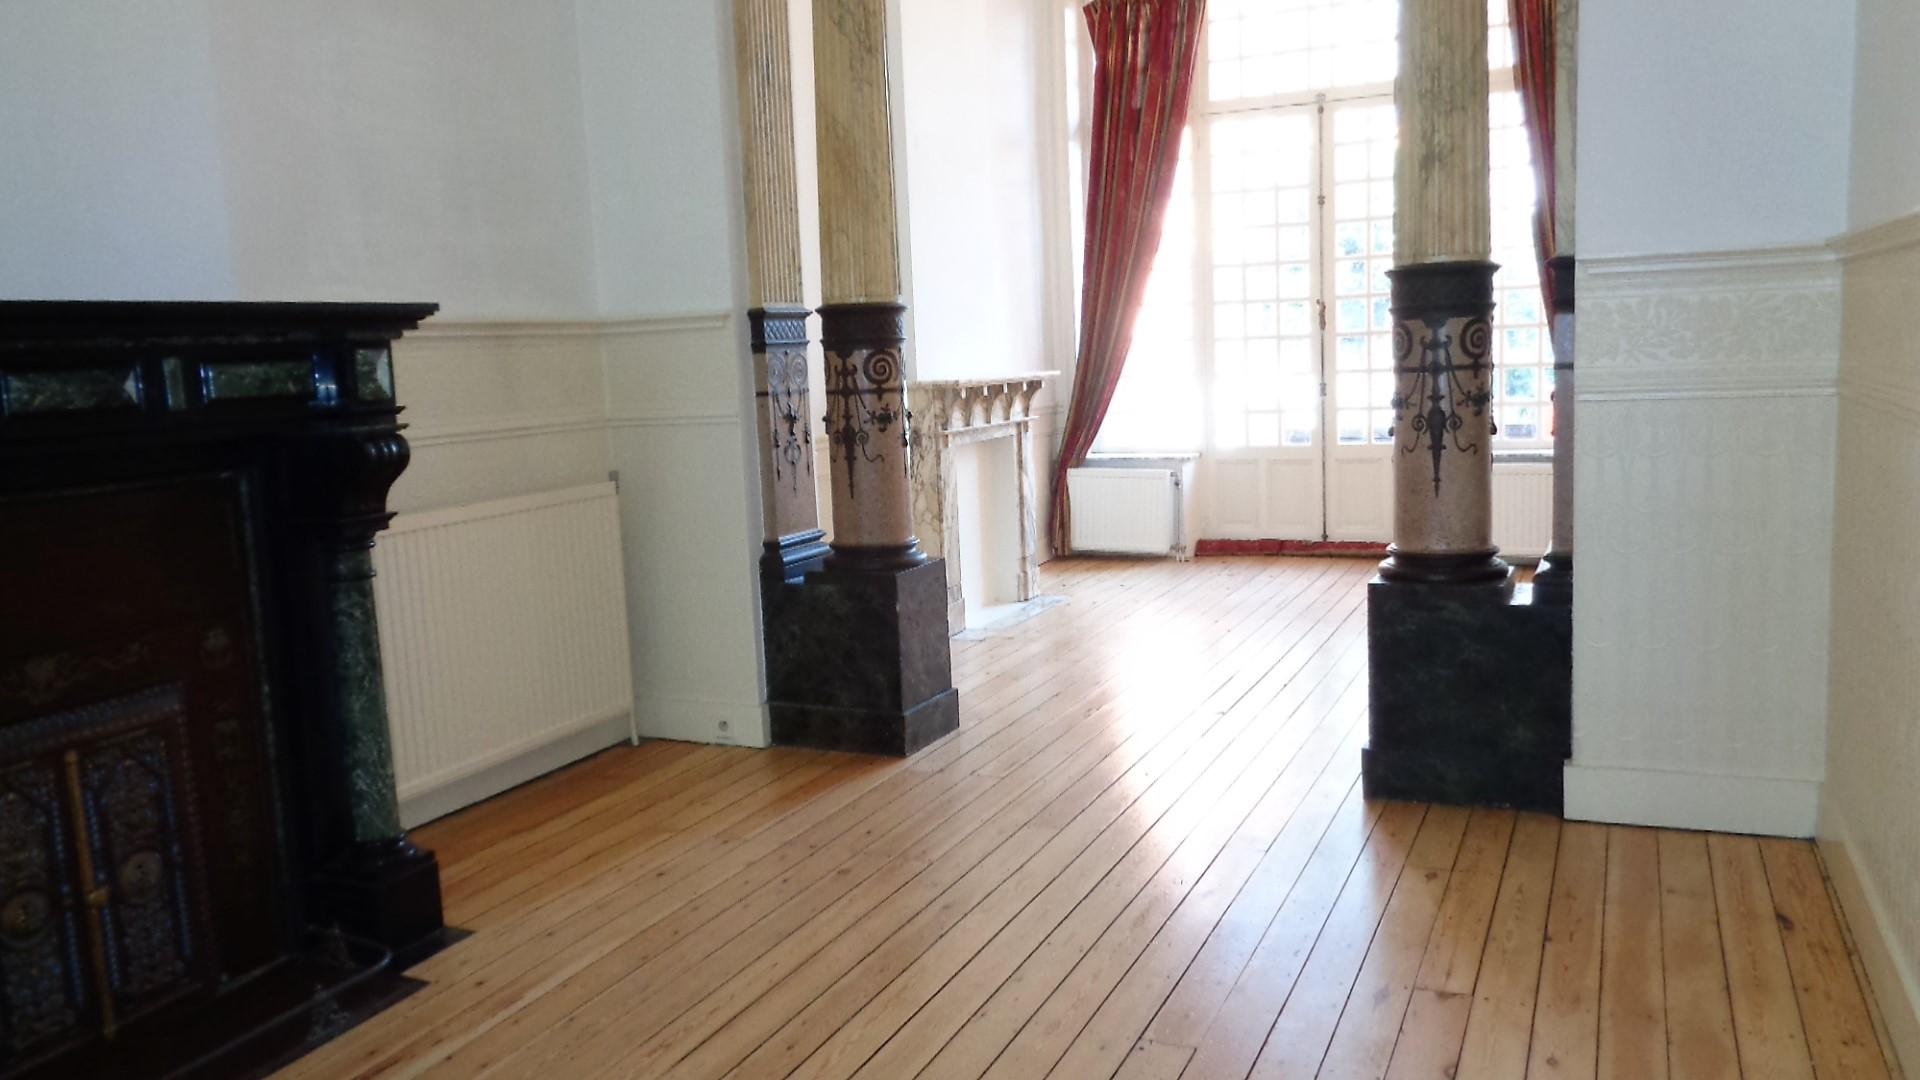 Châtelain-Magnifique appartement de style avec jardin